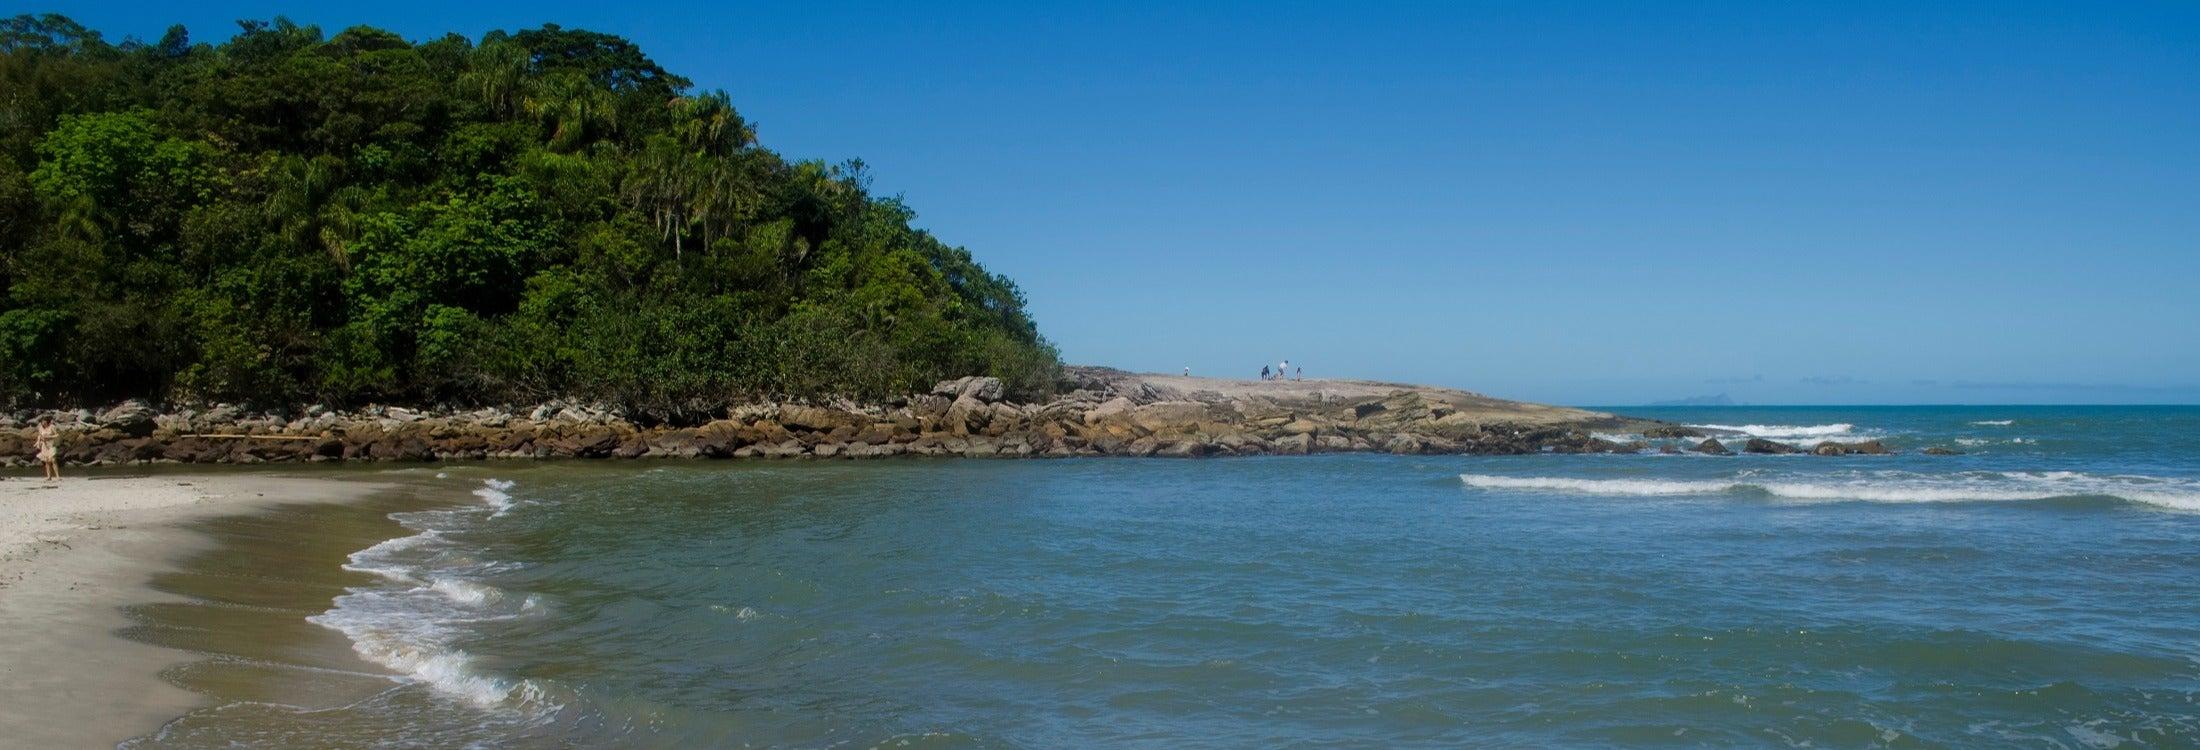 Escursione privata alle spiagge di São Sebastião